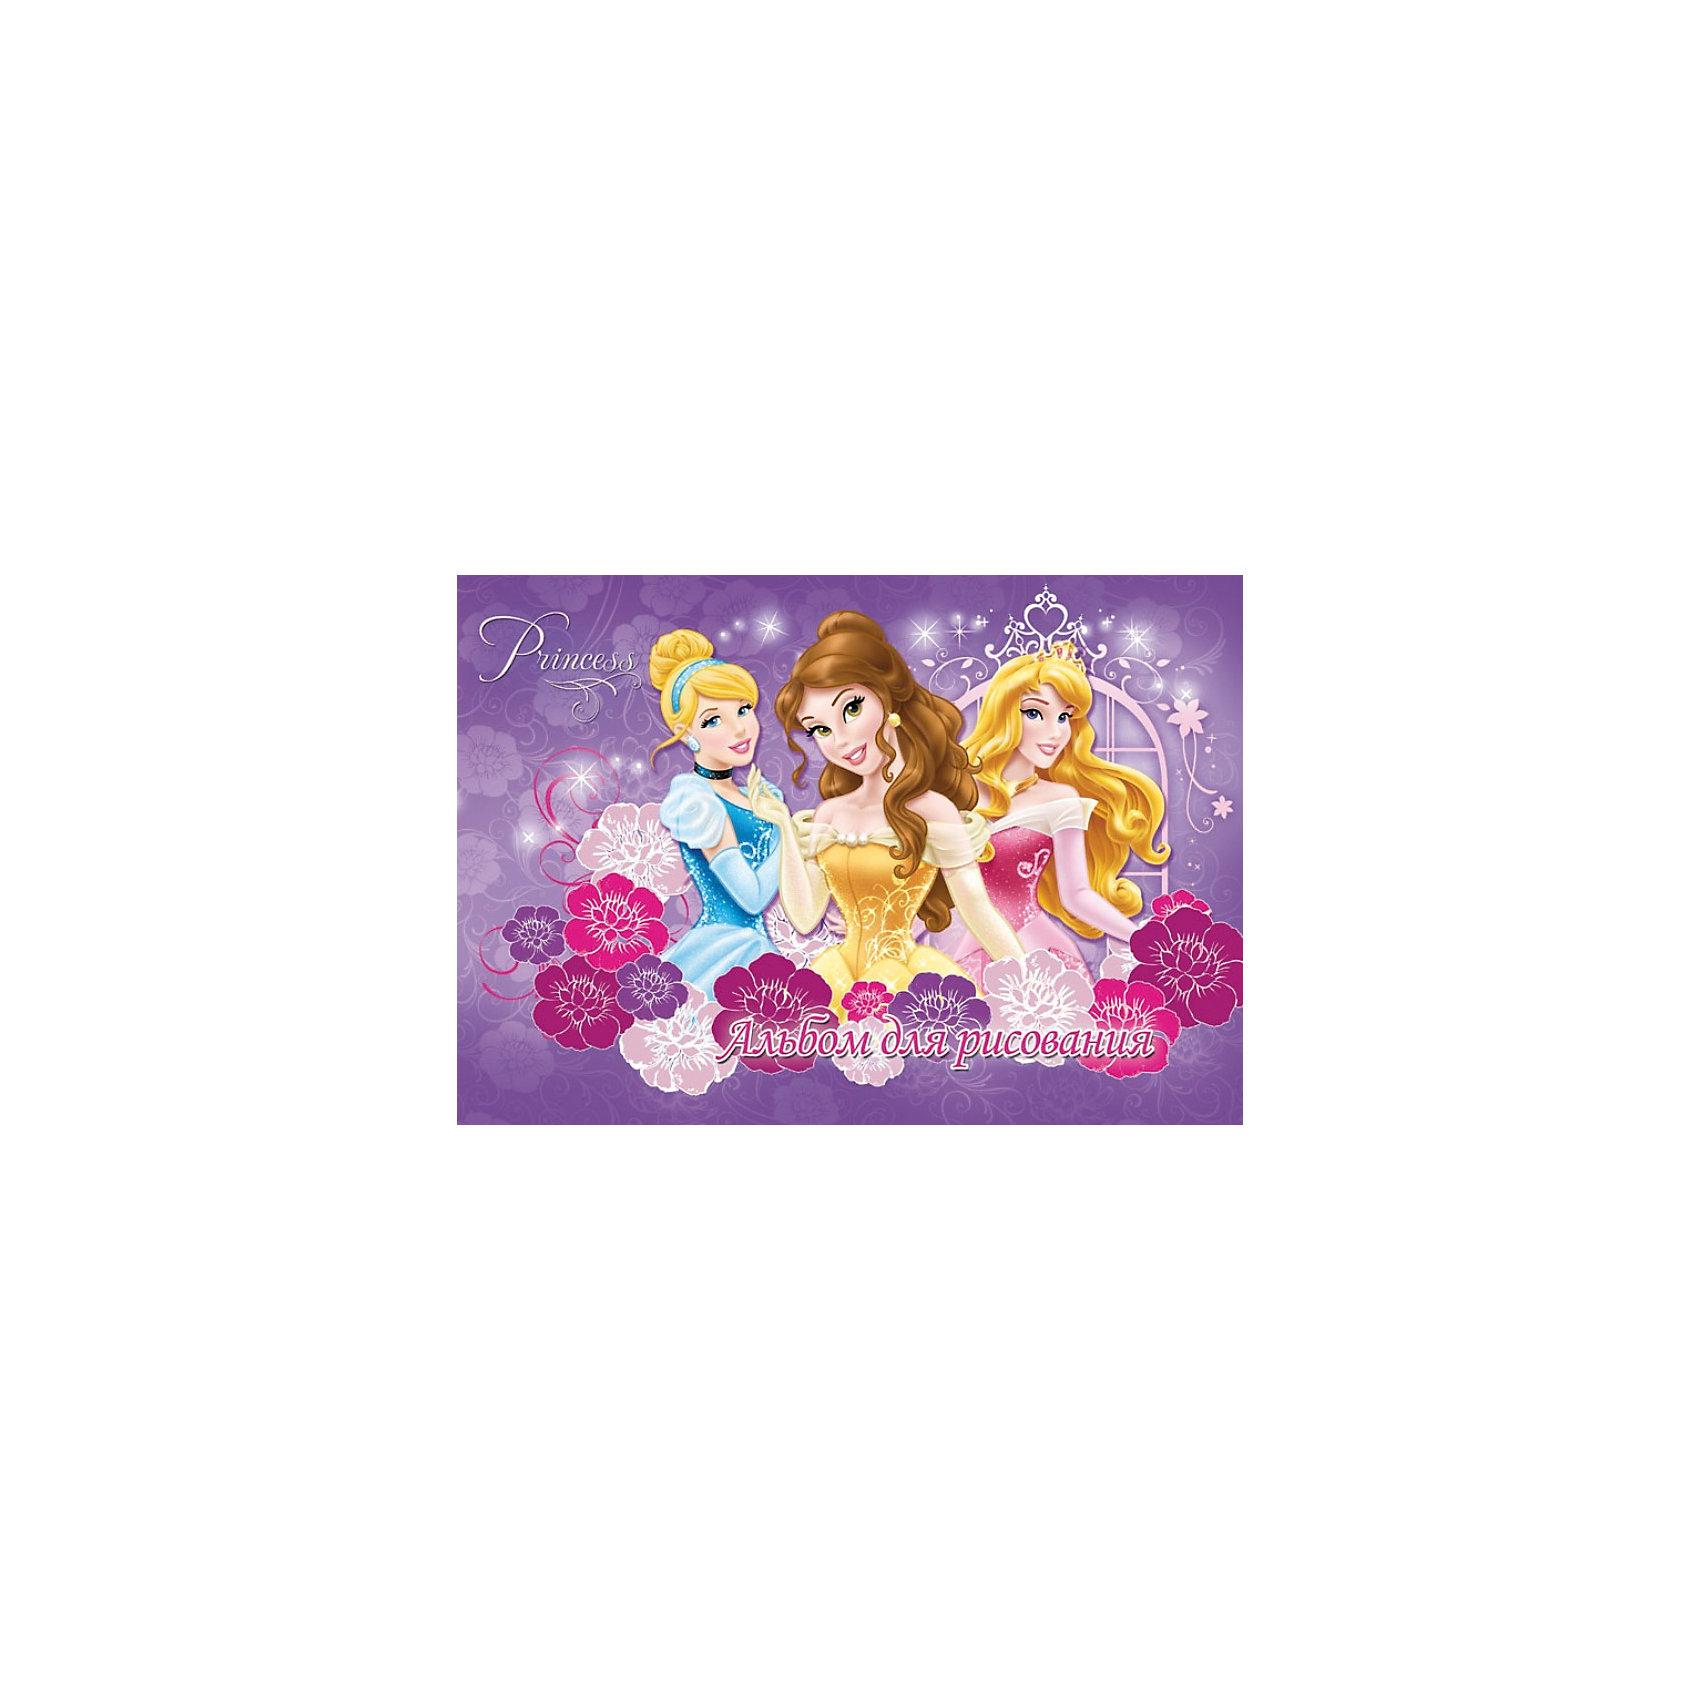 Альбом для рисования, 40 листов, Принцессы ДиснейАльбом для рисования, 40 листов, Disney Princess (Принцессы Дисней) - прекрасный подарок для раскрытия творческого потенциала. Рисование - это прекрасный досуг, который способствует развитию воображения,  восприятия,  мышления, логики,  мелкой моторики,  усидчивости и понимания формы и цветов.<br><br><br>Дополнительная информация:<br><br>- Количество листов: 40<br>- Вес: 257 г.<br>- Серия: Disney Princess (Принцессы Дисней)<br>- Размеры: 290 х 205 х 8 мм<br><br>Альбом для рисования, 40 листов, Disney Princess (Принцессы Дисней) можно купить в нашем магазине.<br><br>Ширина мм: 290<br>Глубина мм: 205<br>Высота мм: 8<br>Вес г: 257<br>Возраст от месяцев: 48<br>Возраст до месяцев: 84<br>Пол: Женский<br>Возраст: Детский<br>SKU: 3702877